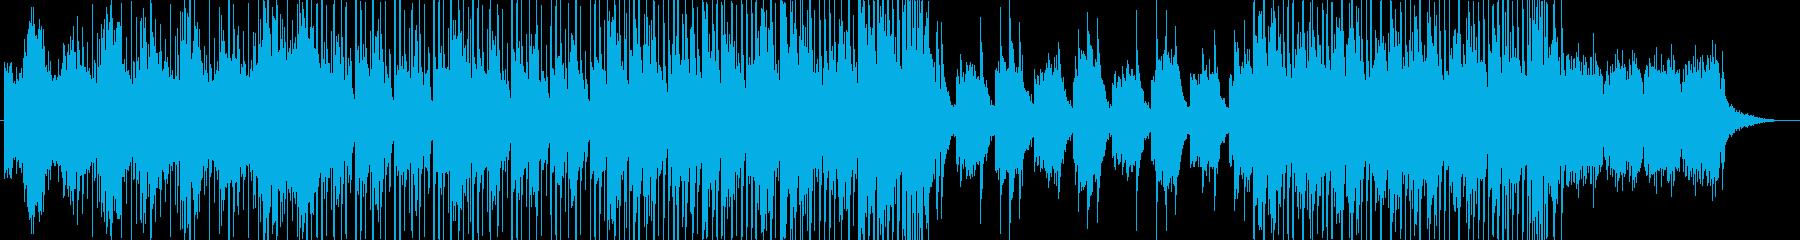 可愛らしいFuture Bass風の再生済みの波形